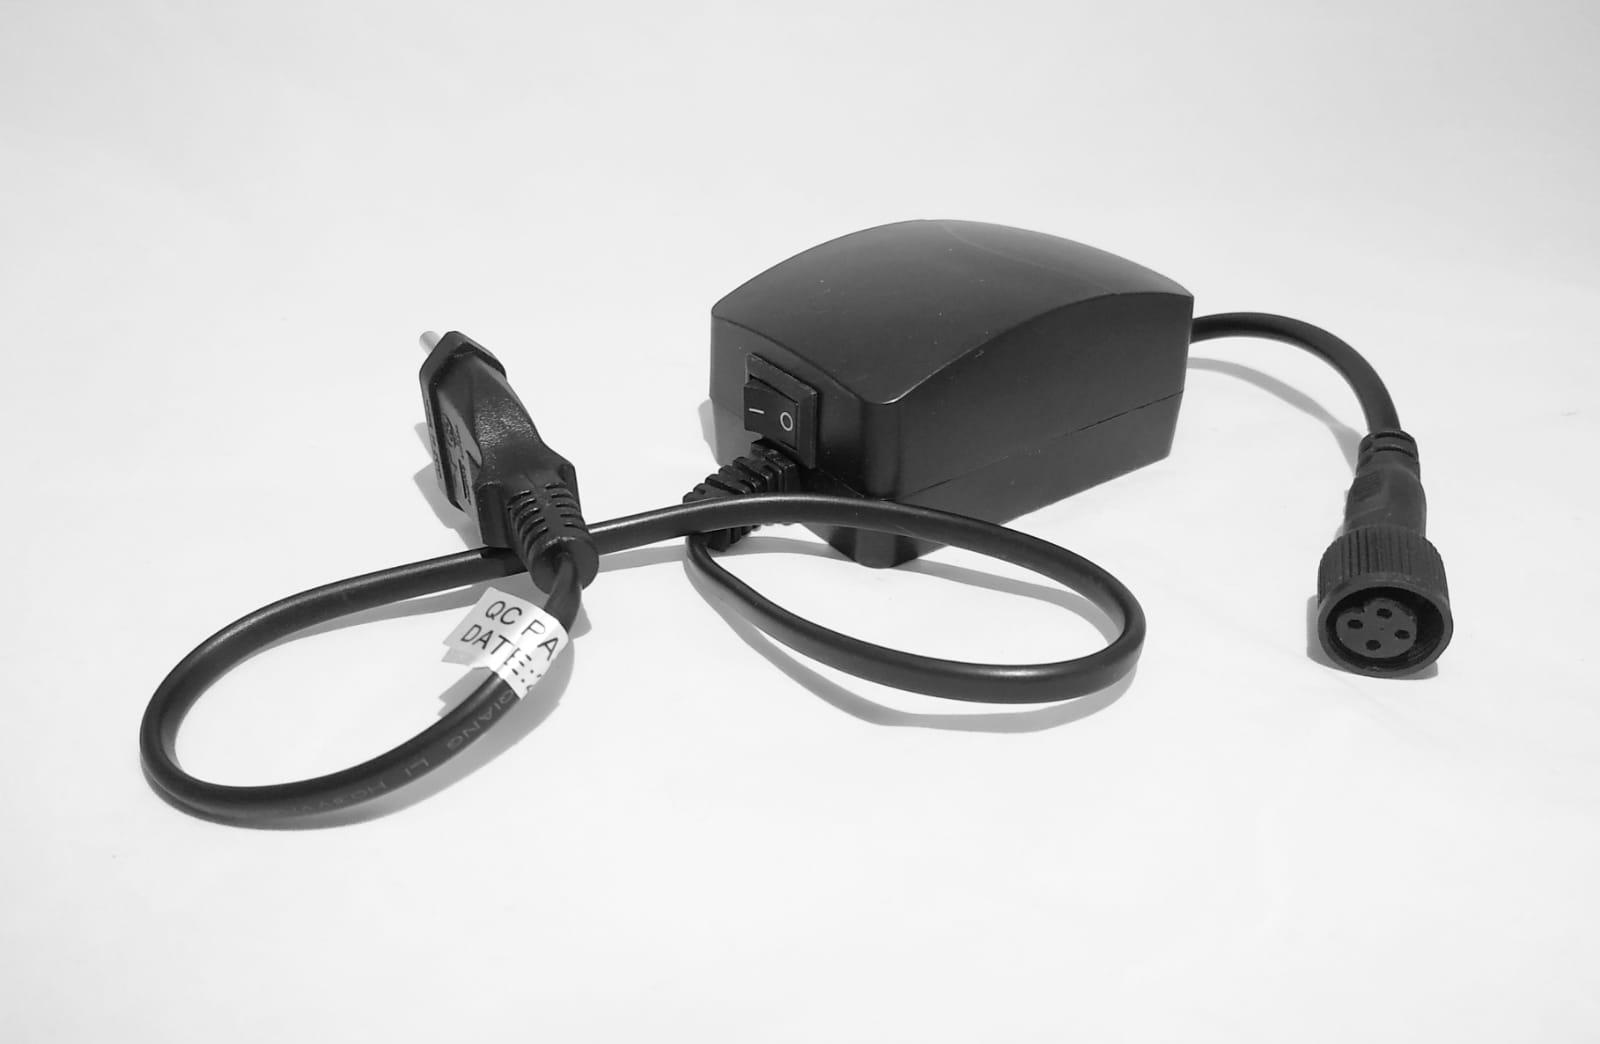 Reator Hopar para Filtro UV 611 18w  - FISHPET Comércio de Acessórios para Animais Ltda.